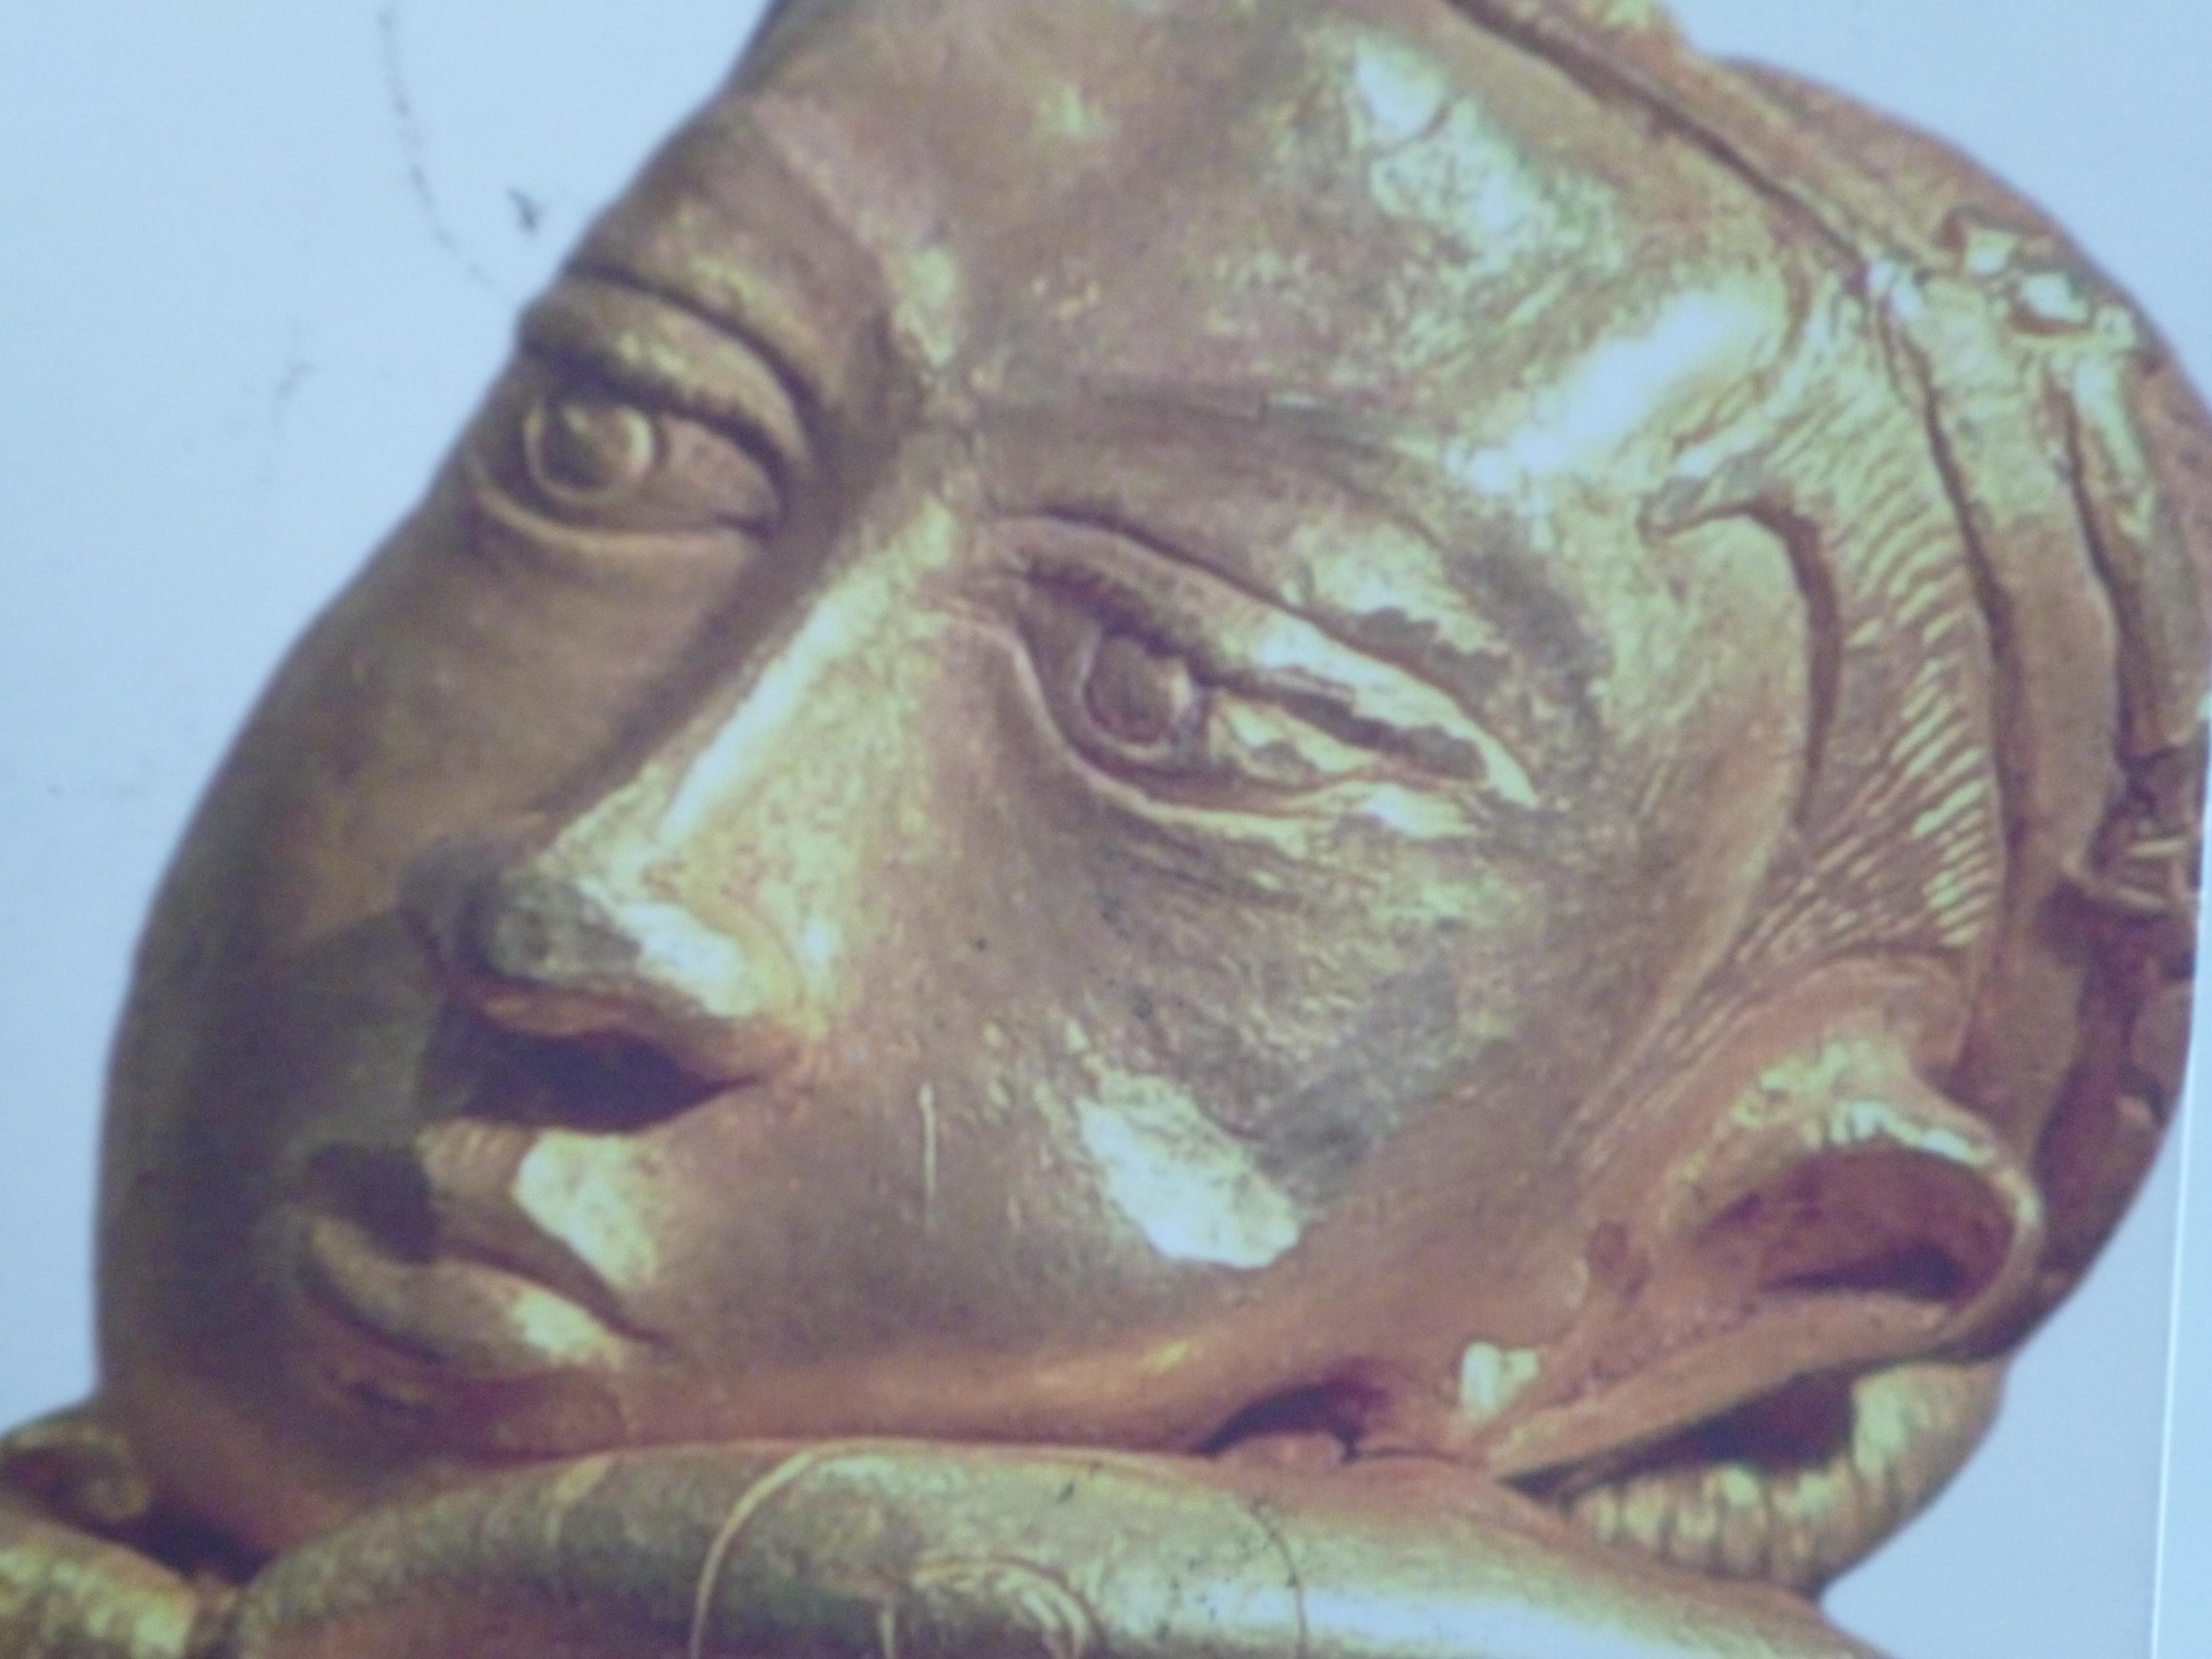 Objet en or du 10-13 siècle prouvant la dextérite des populations